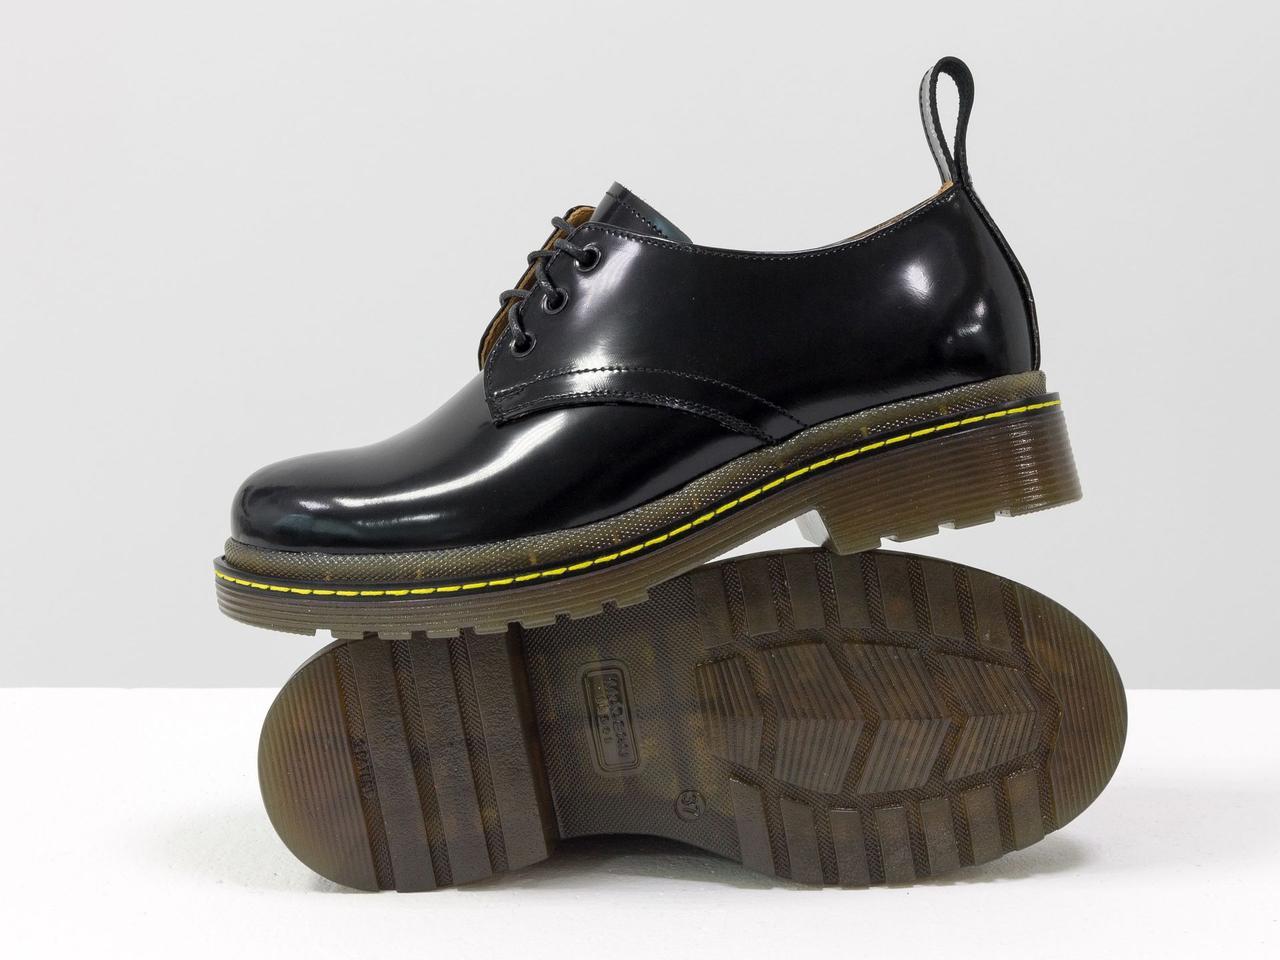 """Жіночі туфлі дербі в стилі Dr. Martens, виконані з натуральної шкіри чорного кольору """"матовий лак"""""""